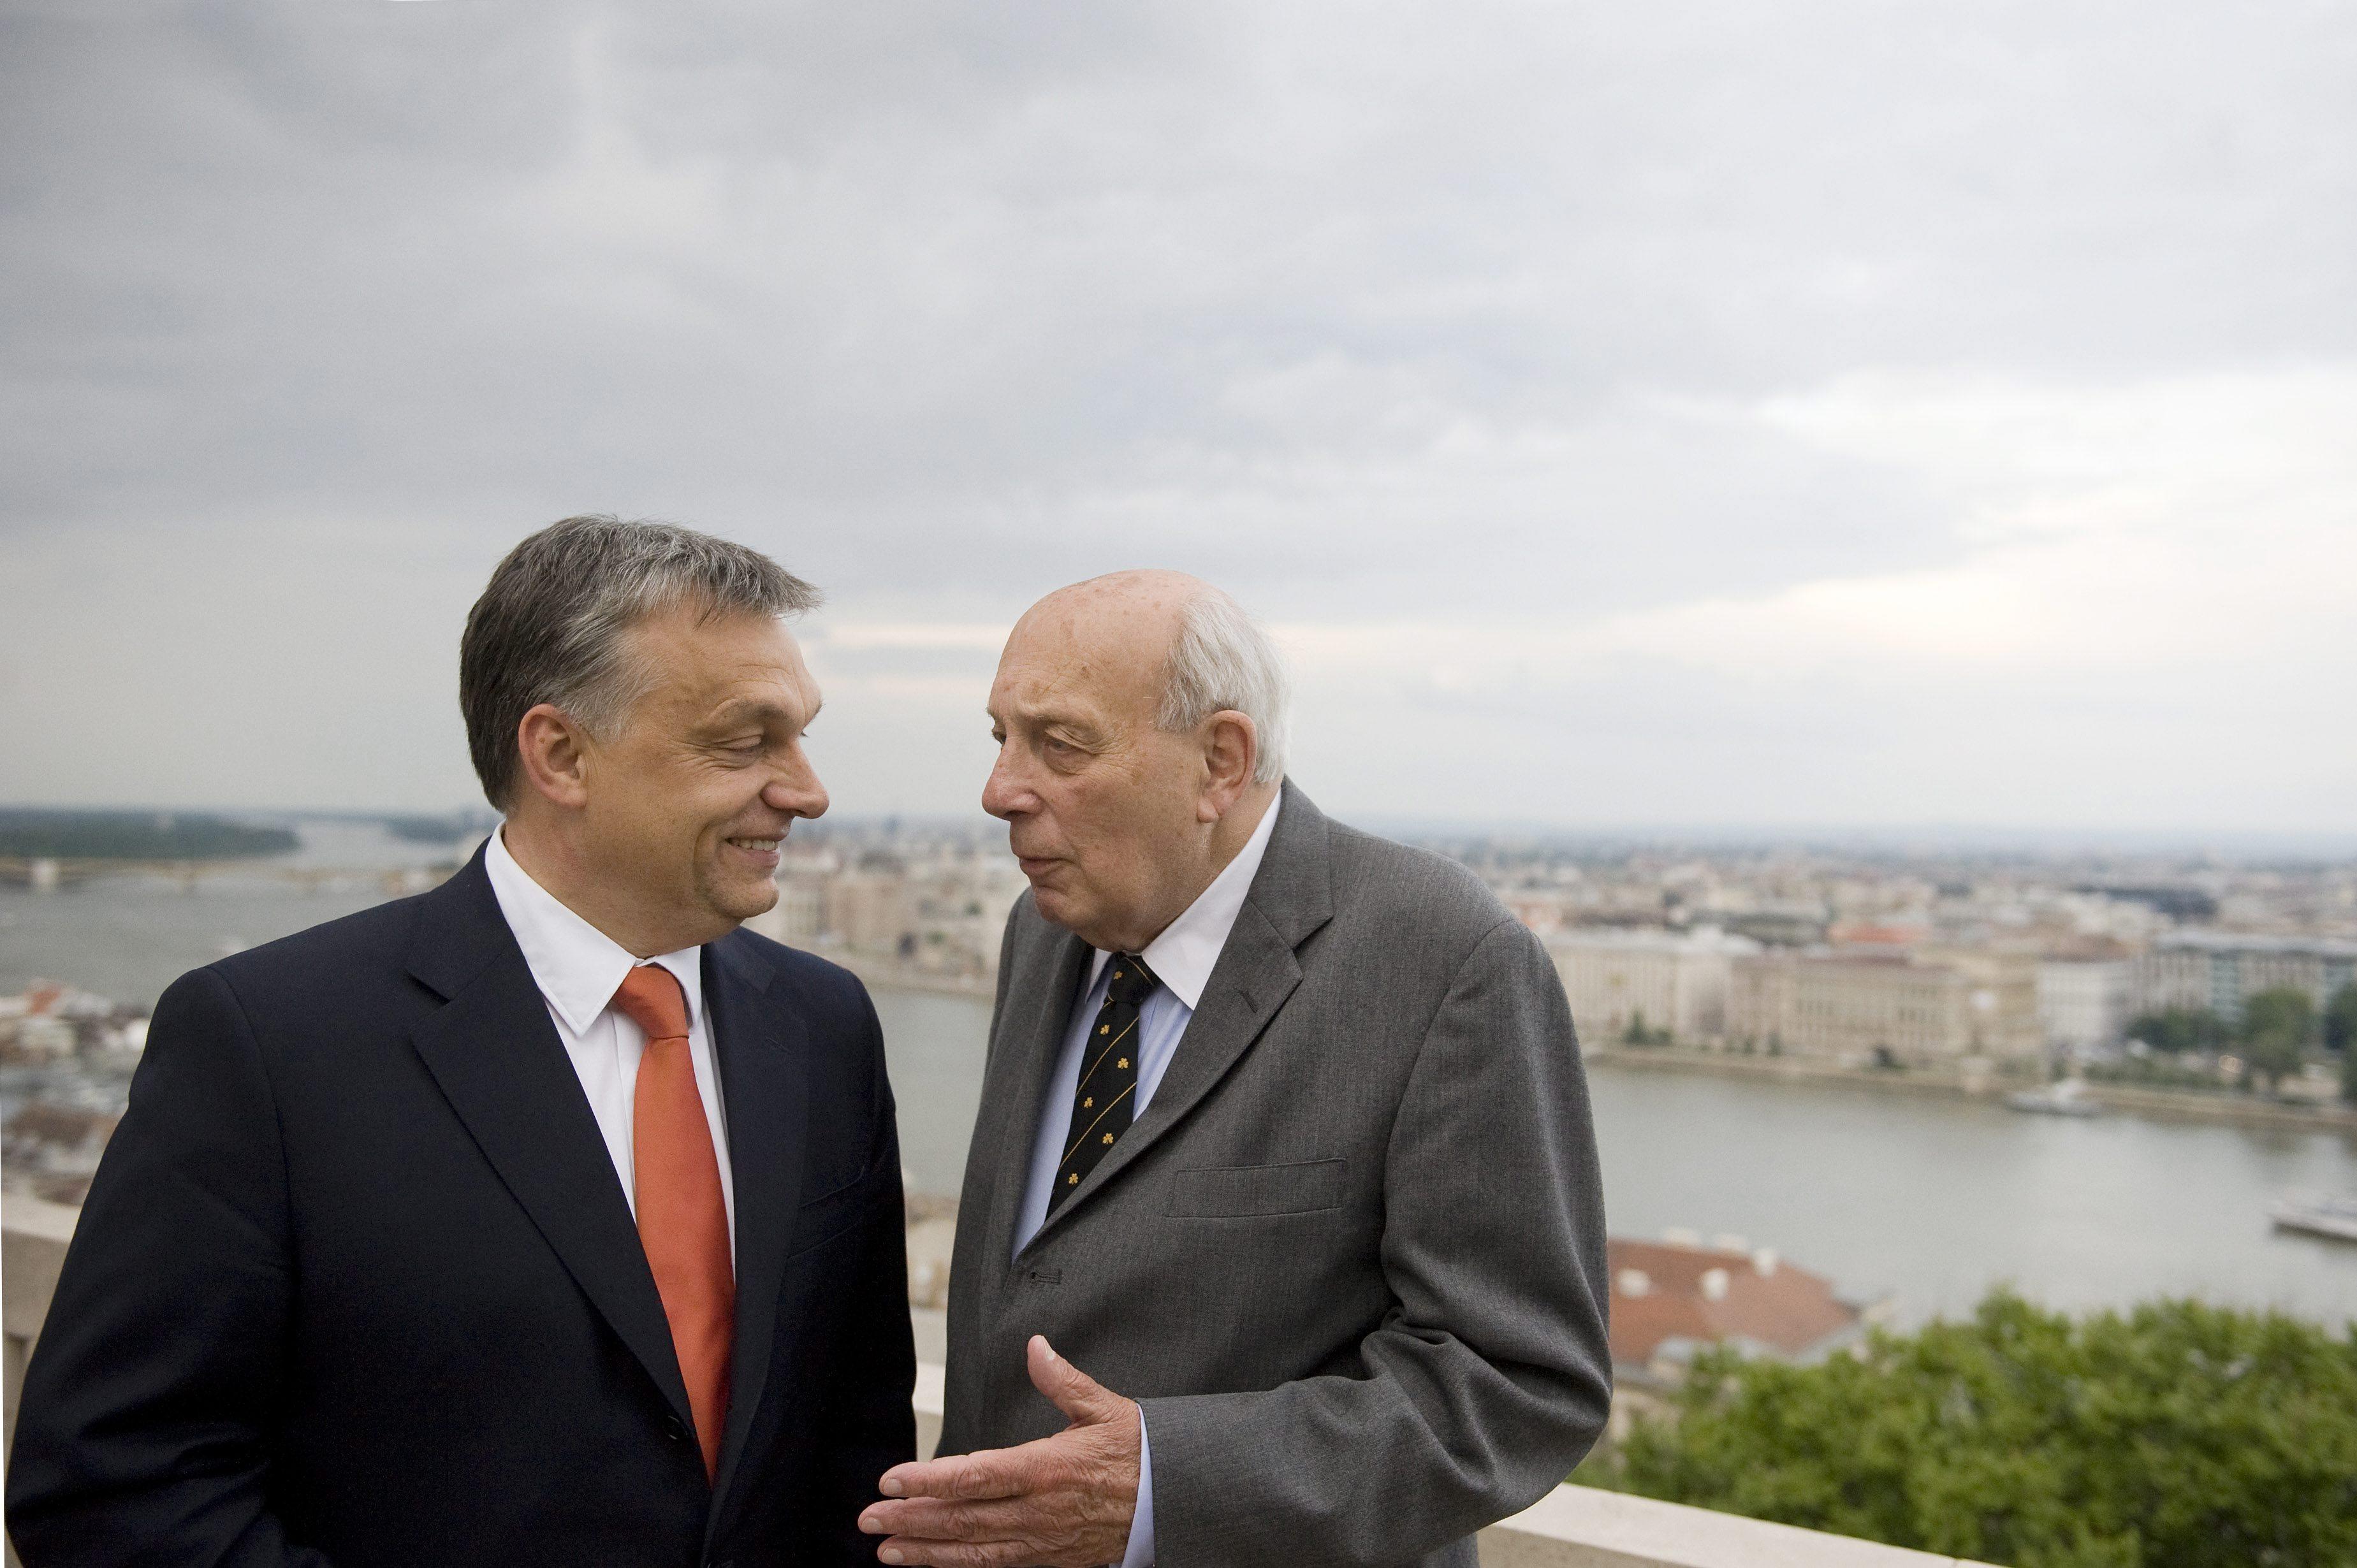 A kormány fejet hajt John Lukacs munkássága előtt, mondta Gulyás Gergely a történész gyászmiséje után